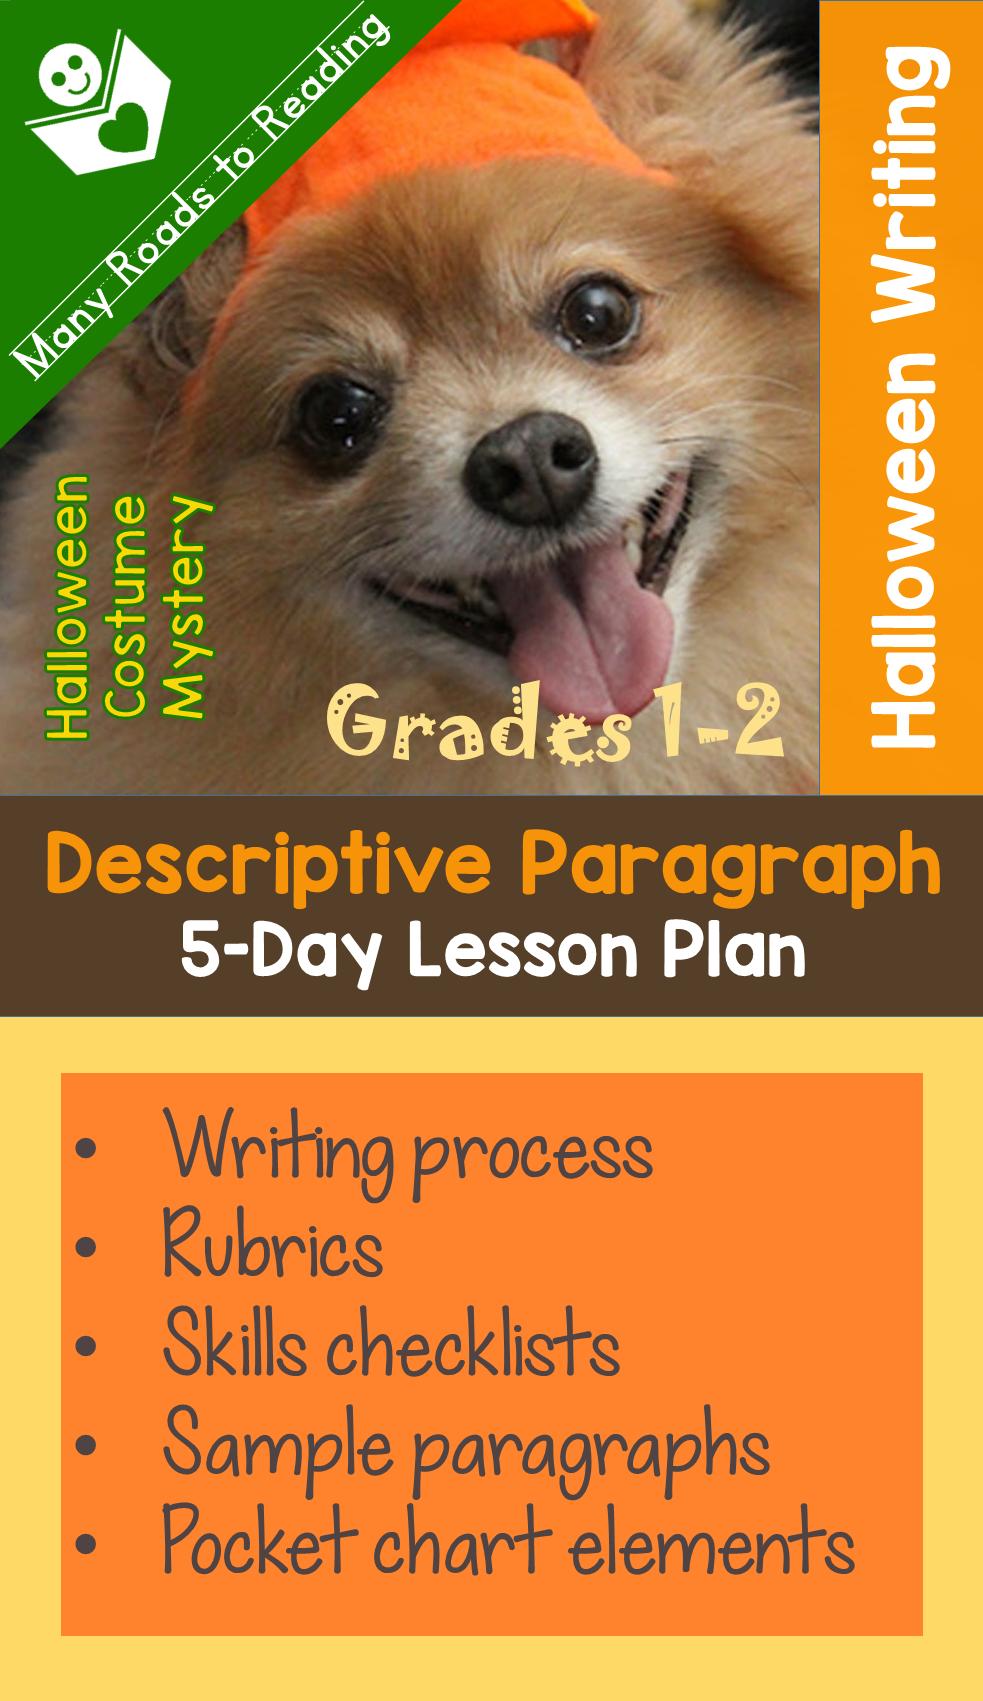 Halloween Writing Prompts Fun Writing Ideas For Halloween Halloween Writing Prompts Writing Prompts For Kids Halloween Writing [ 1652 x 1237 Pixel ]